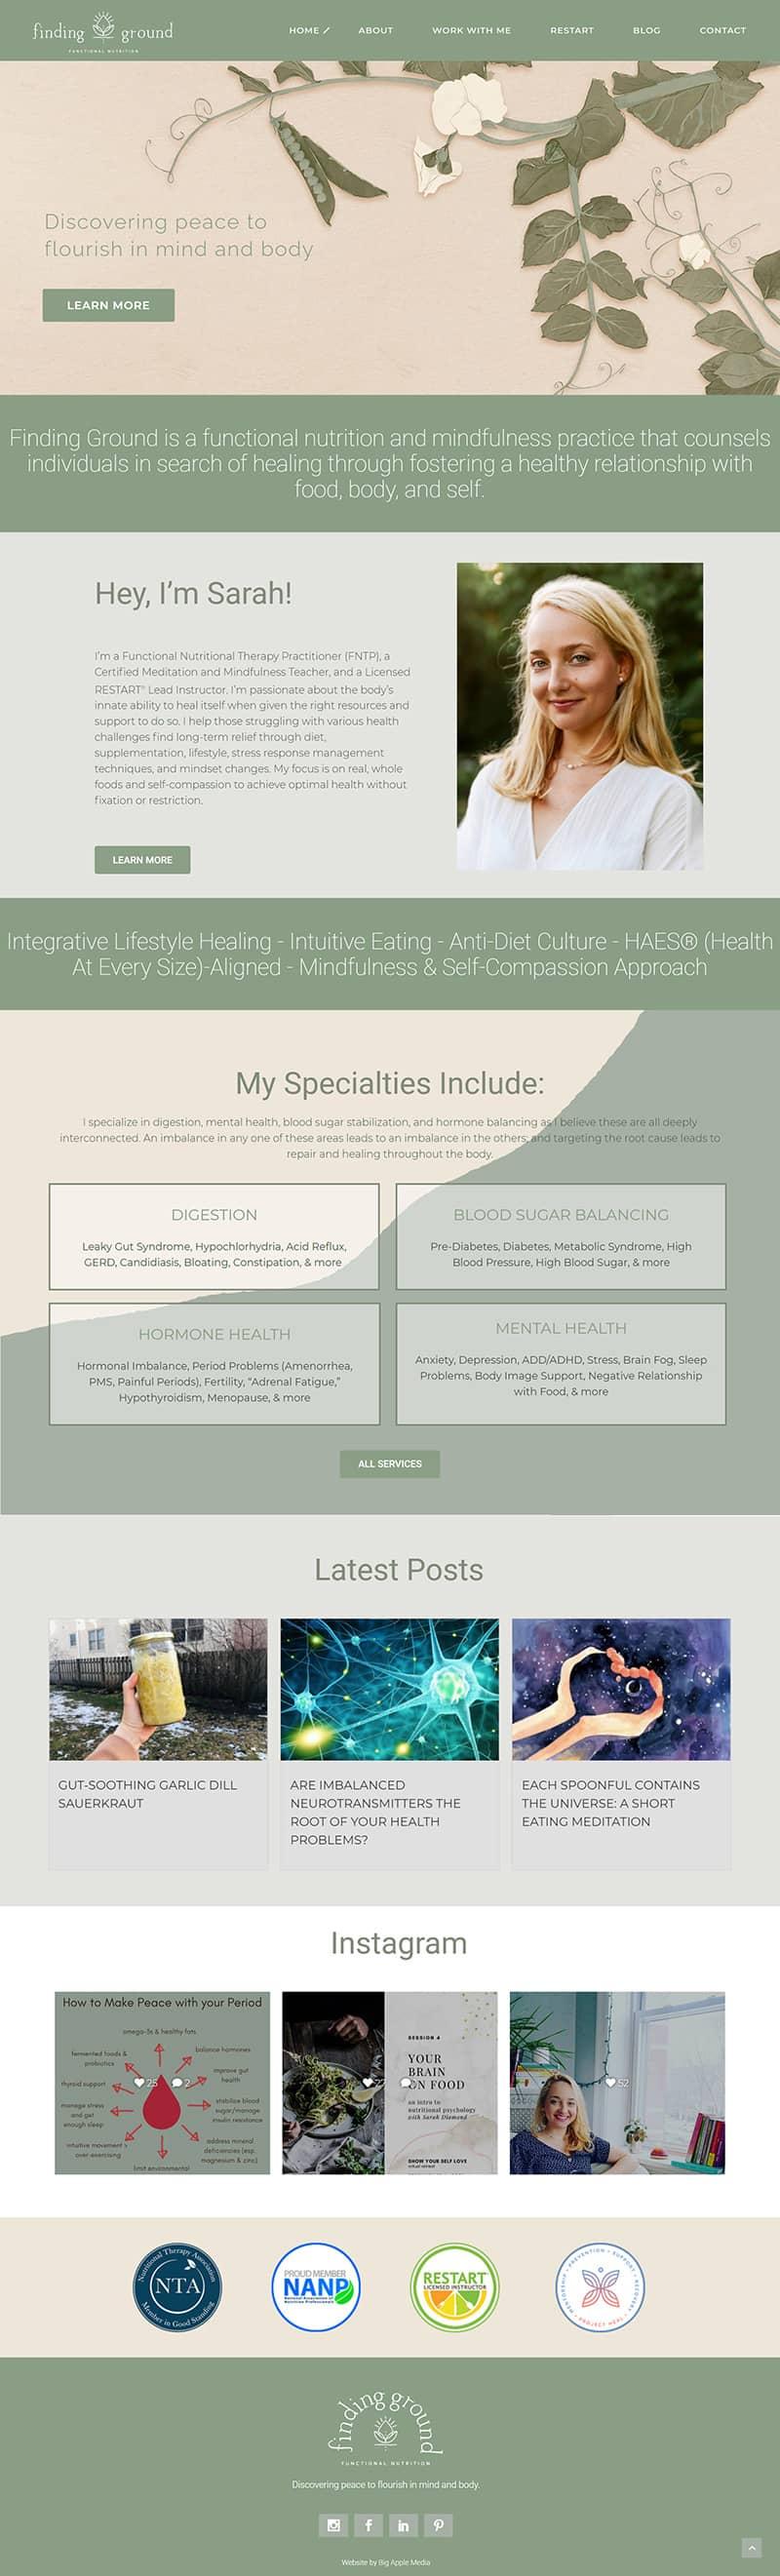 holistic health website design